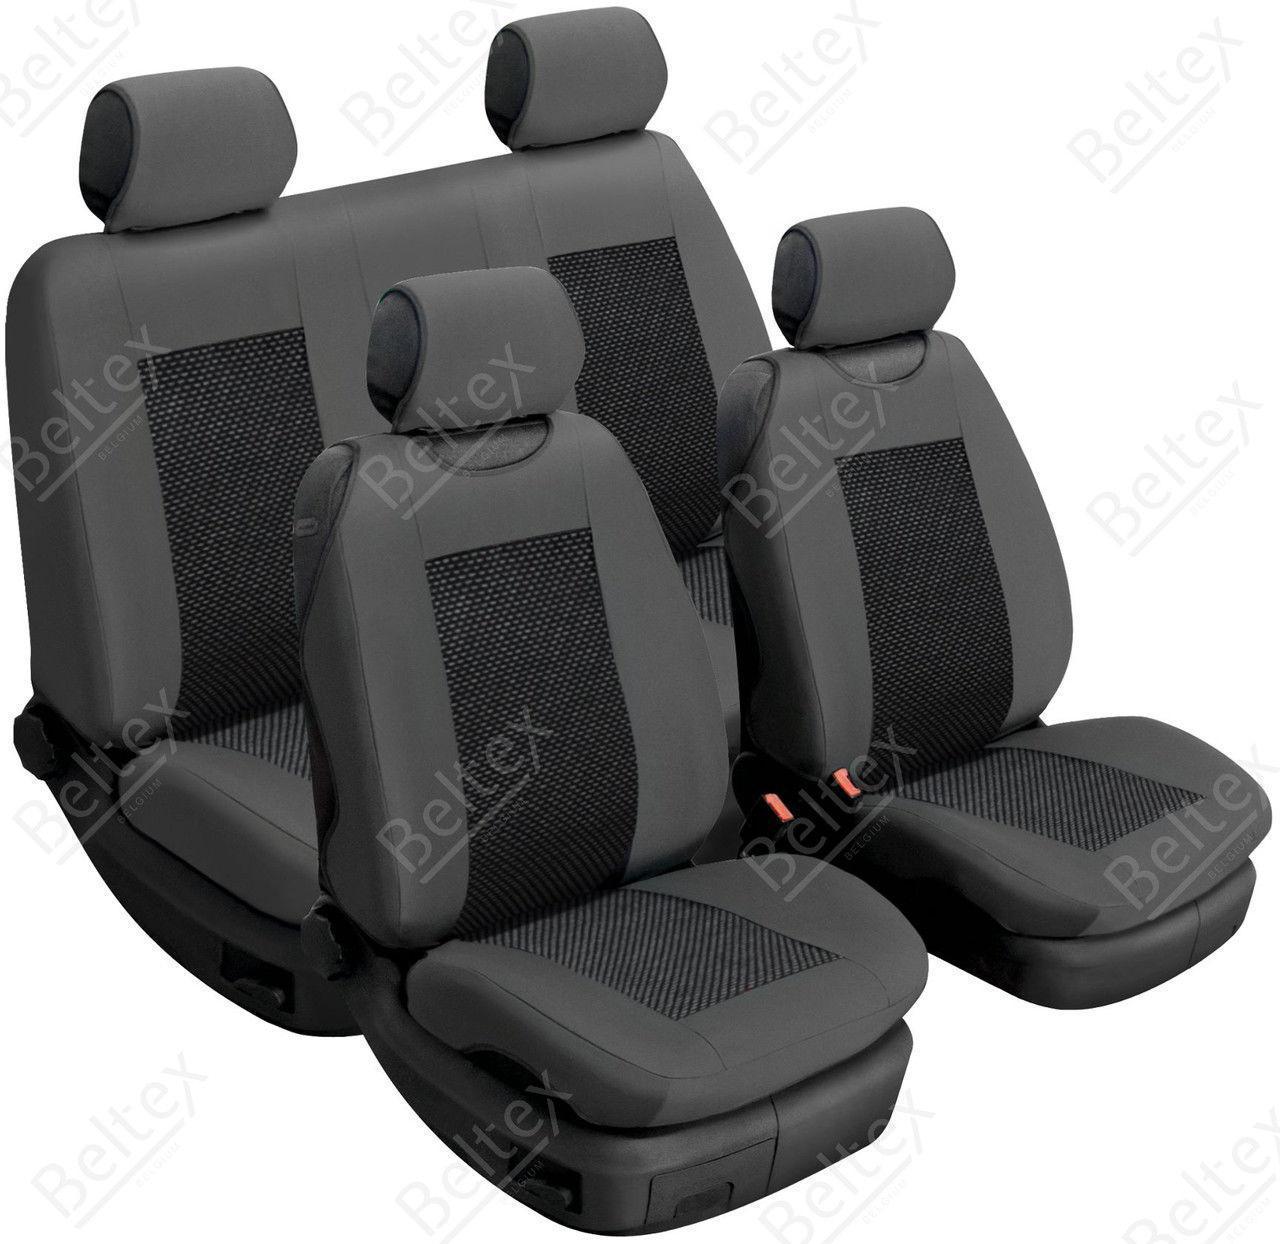 Майки/чехлы на сиденья Фольксваген Гольф 4 (Volkswagen Golf IV)